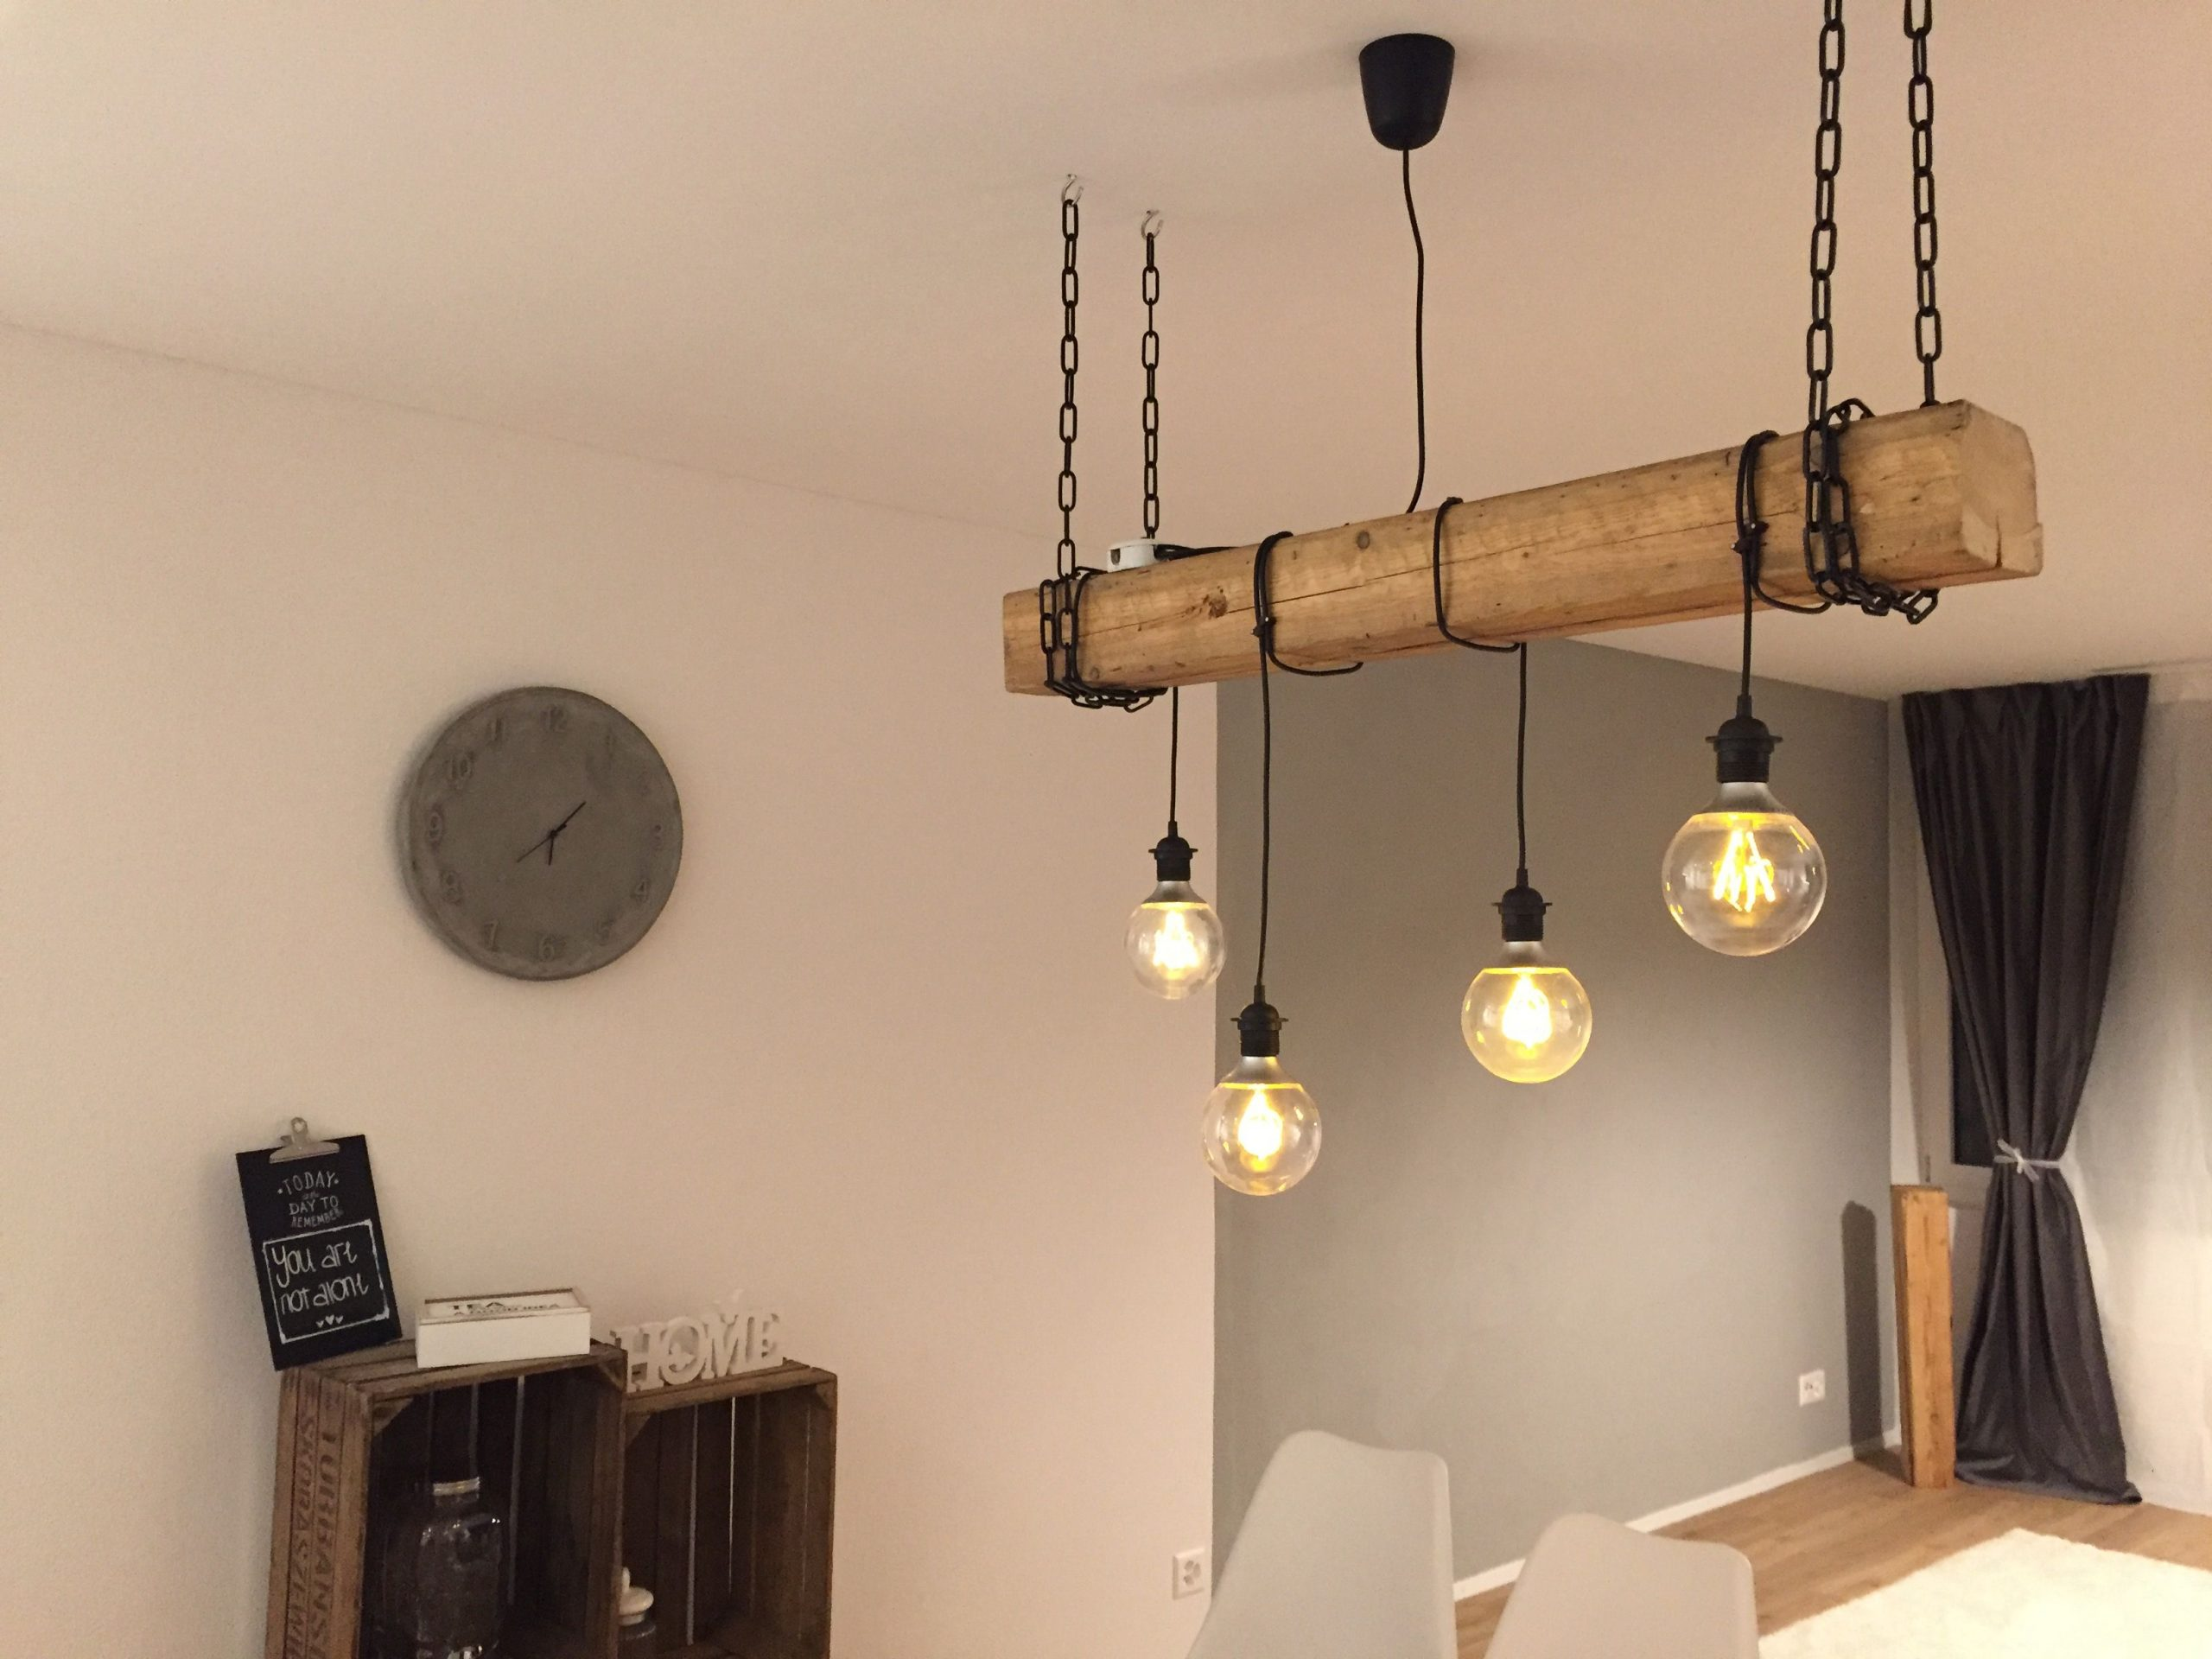 Full Size of Moderne Lampen Selfmade Rustikale Lampe Mit Hngenden Glhbirnen Und Holzbalken Stehlampen Wohnzimmer Led Badezimmer Modernes Bett Deckenleuchte Esstische Küche Wohnzimmer Moderne Lampen